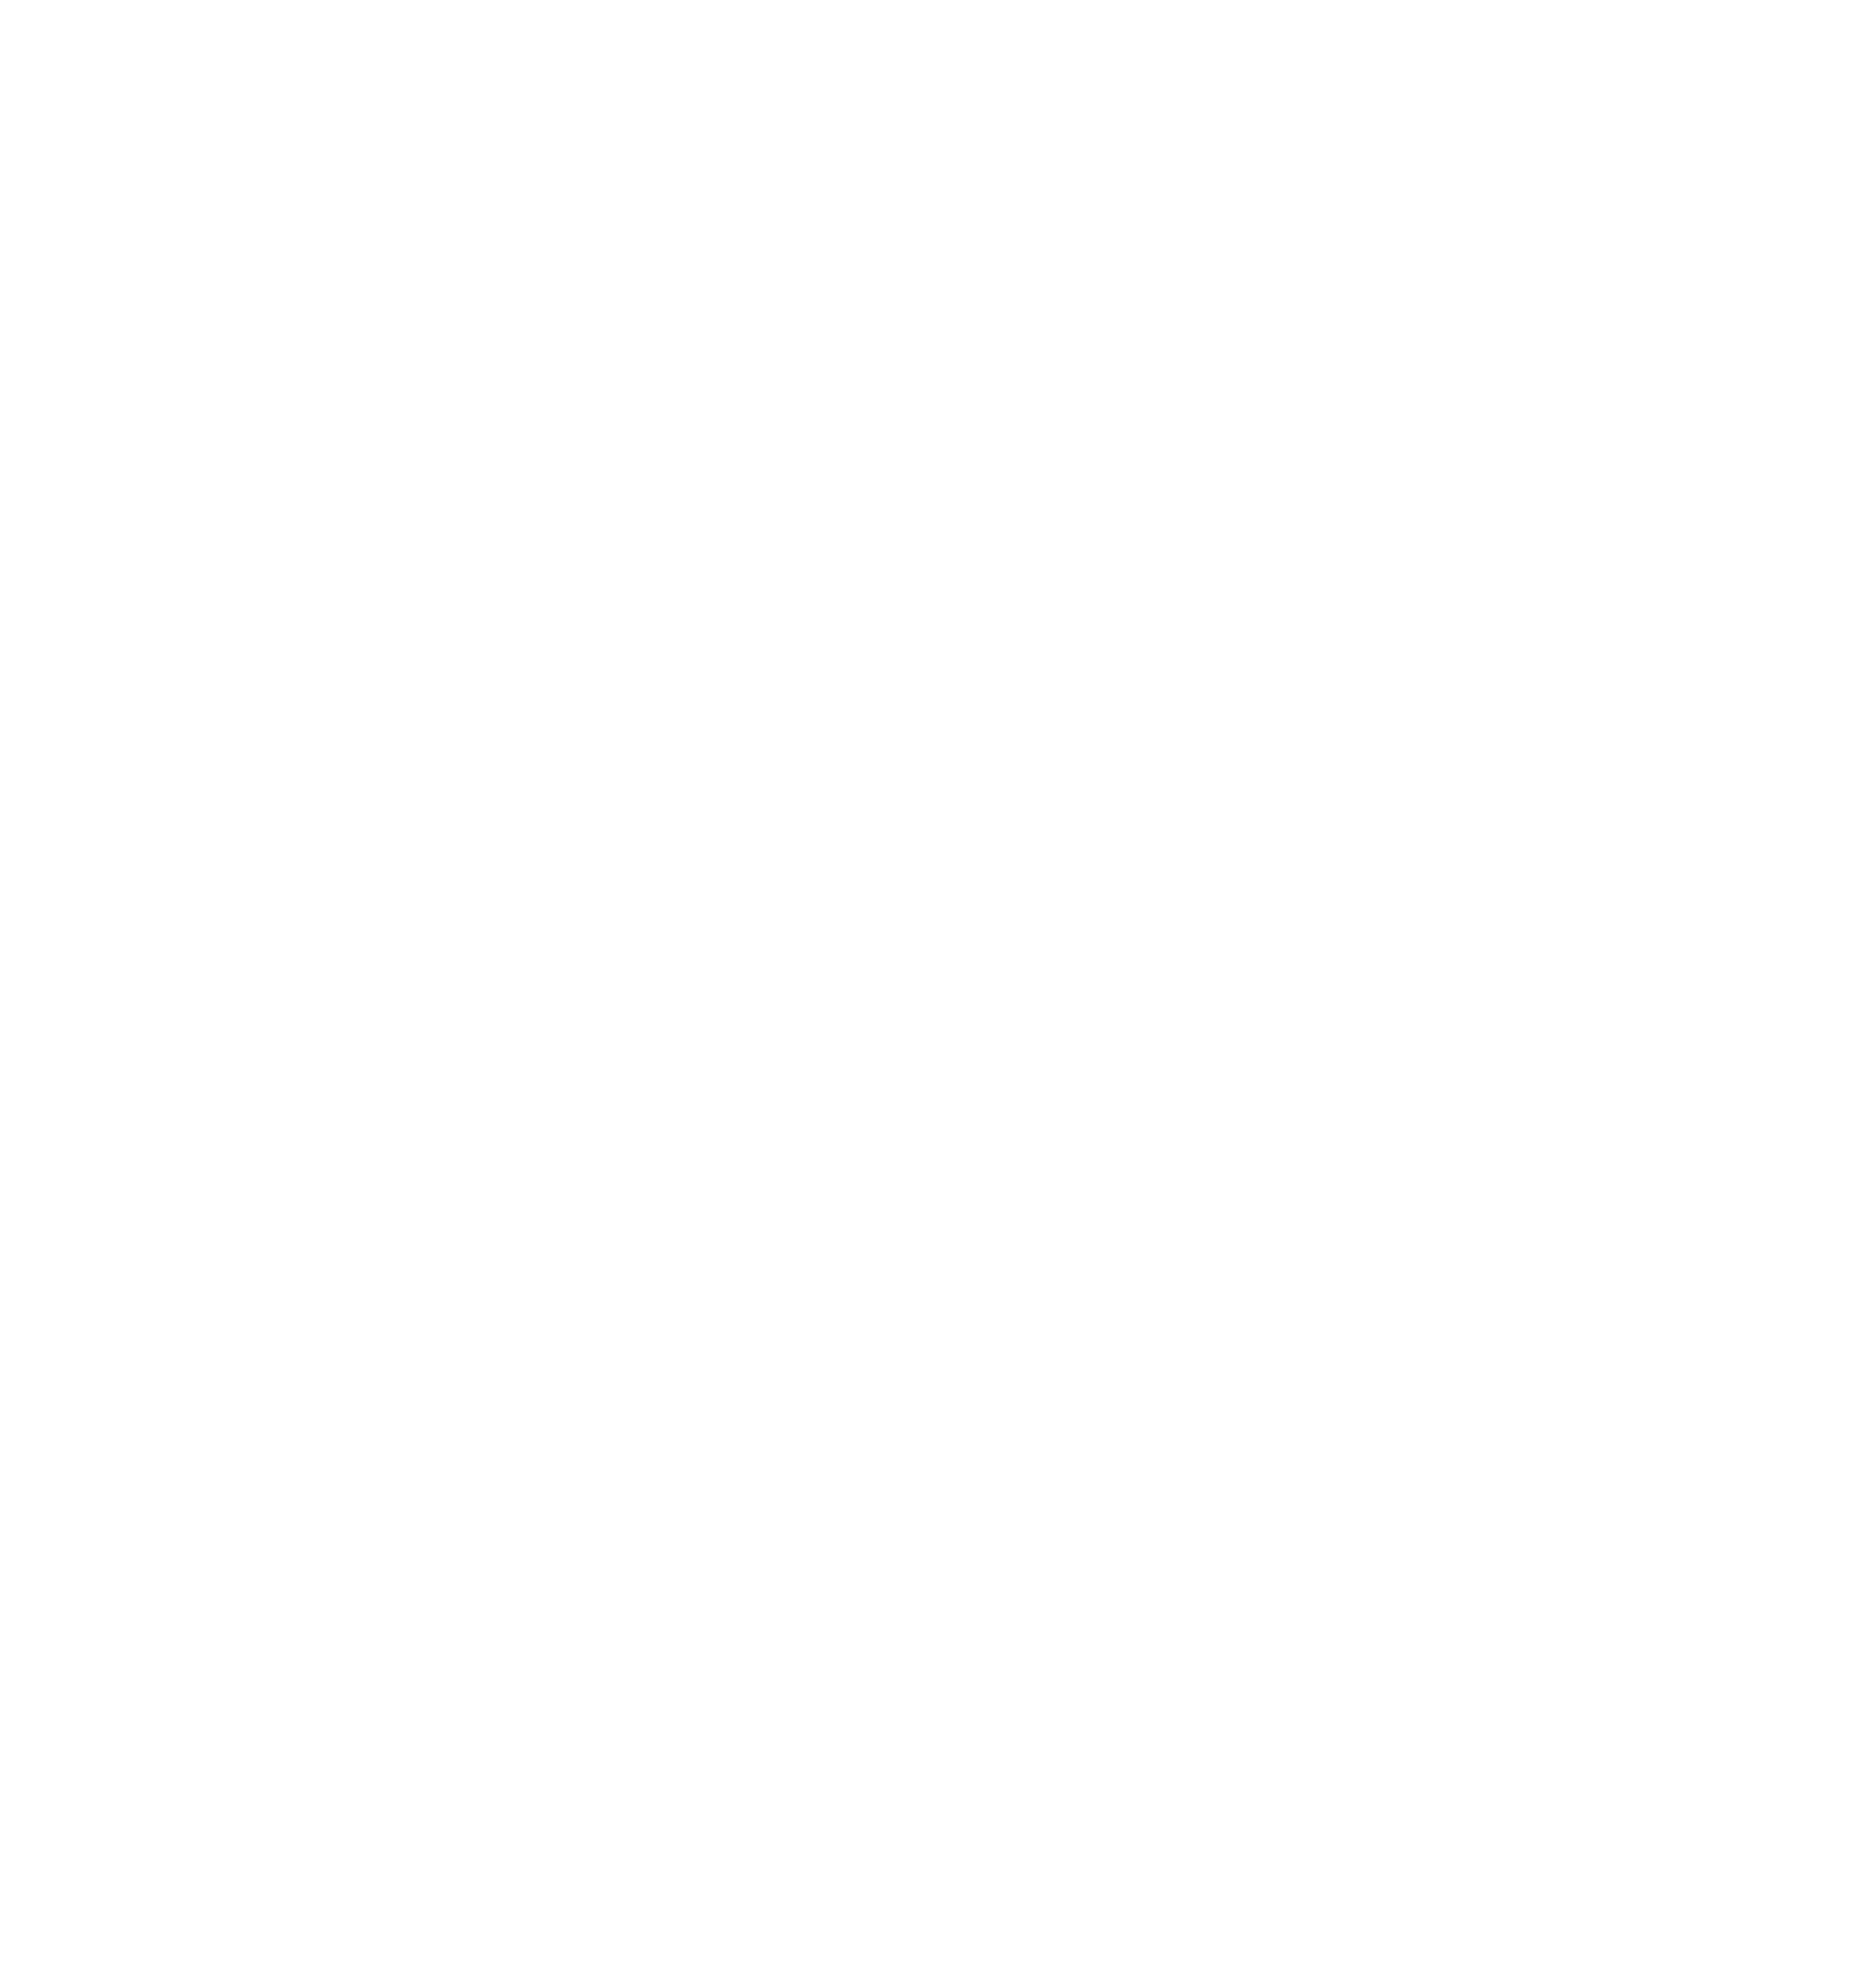 istec-logo-2017-wit-def